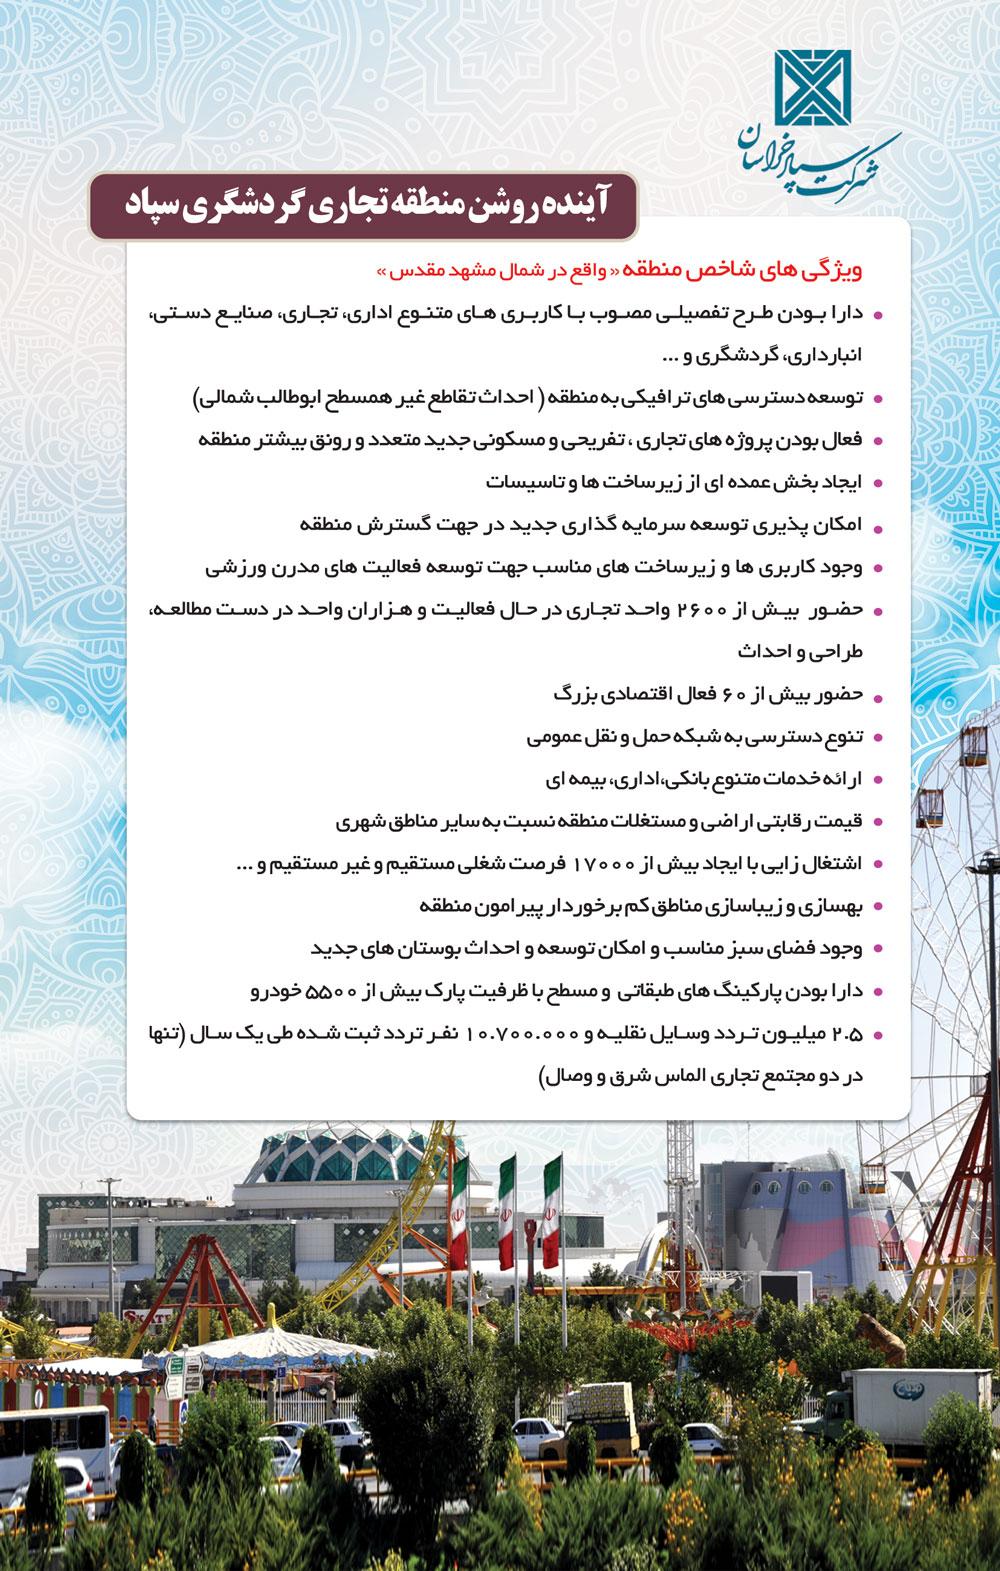 sepad org - معرفی ویژگی های منحصربفرد منطقه تجاری گردشگری سپاد مشهد مقدس